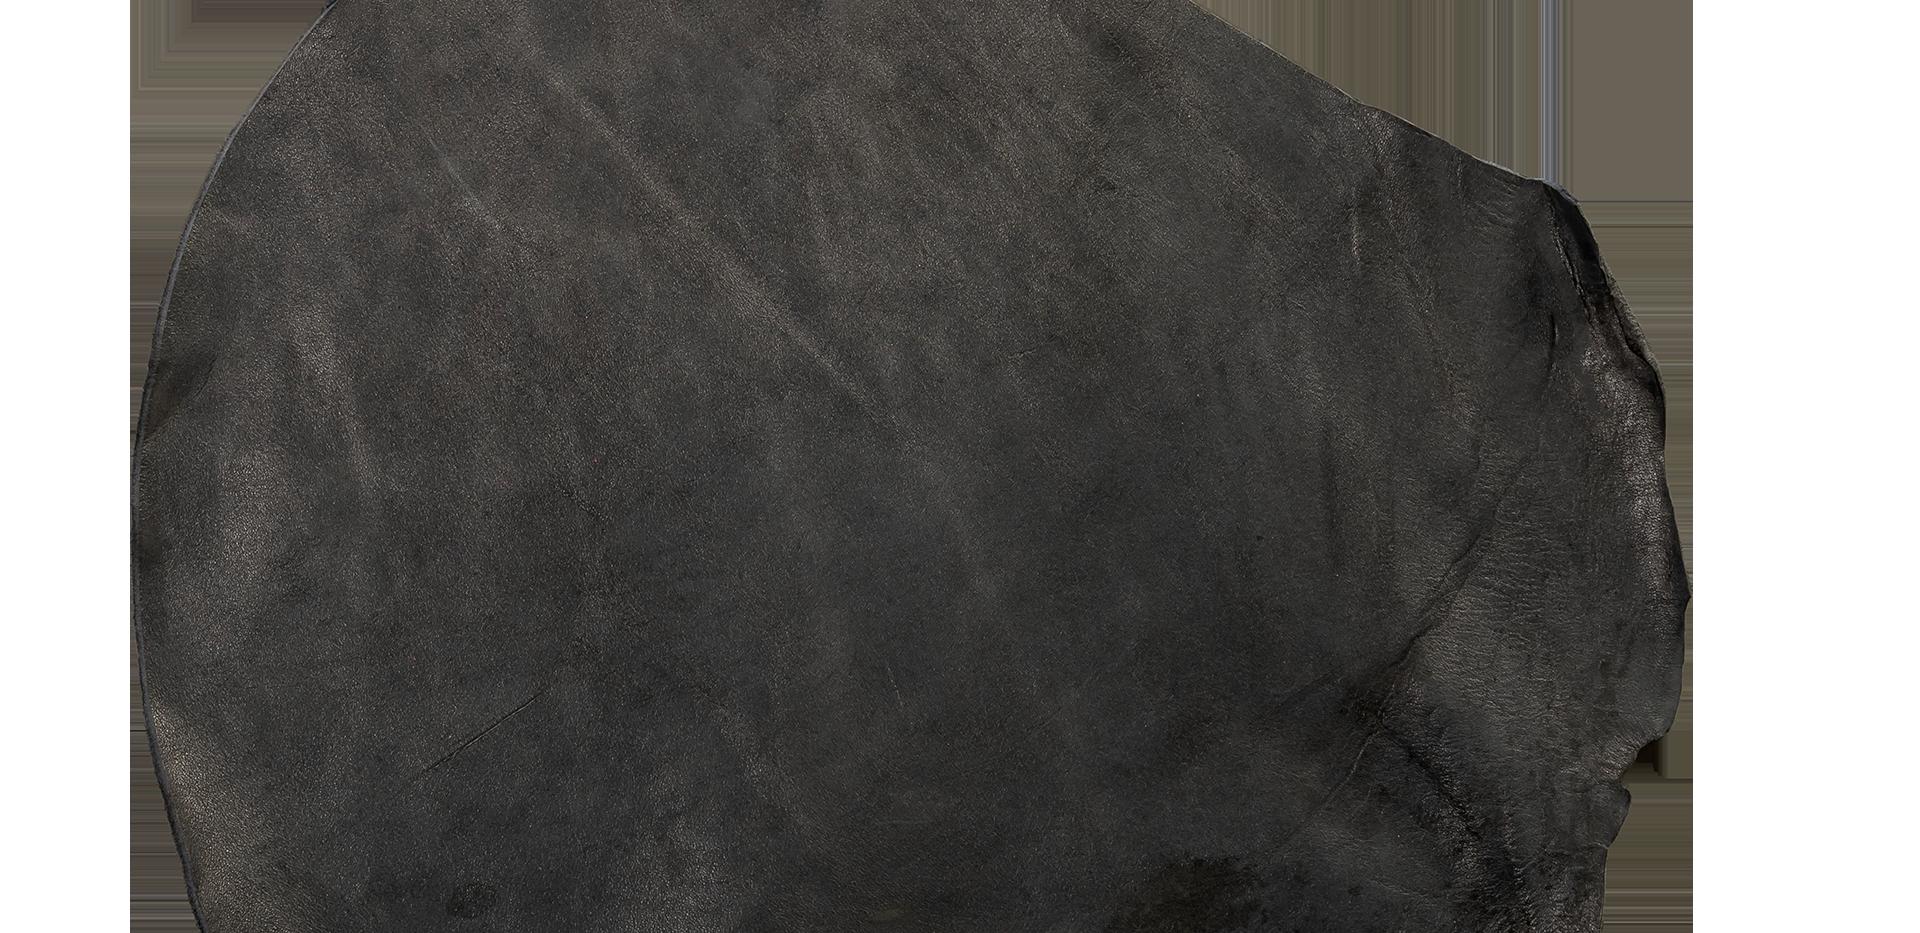 Havtaigai Camel - look grainside swatch